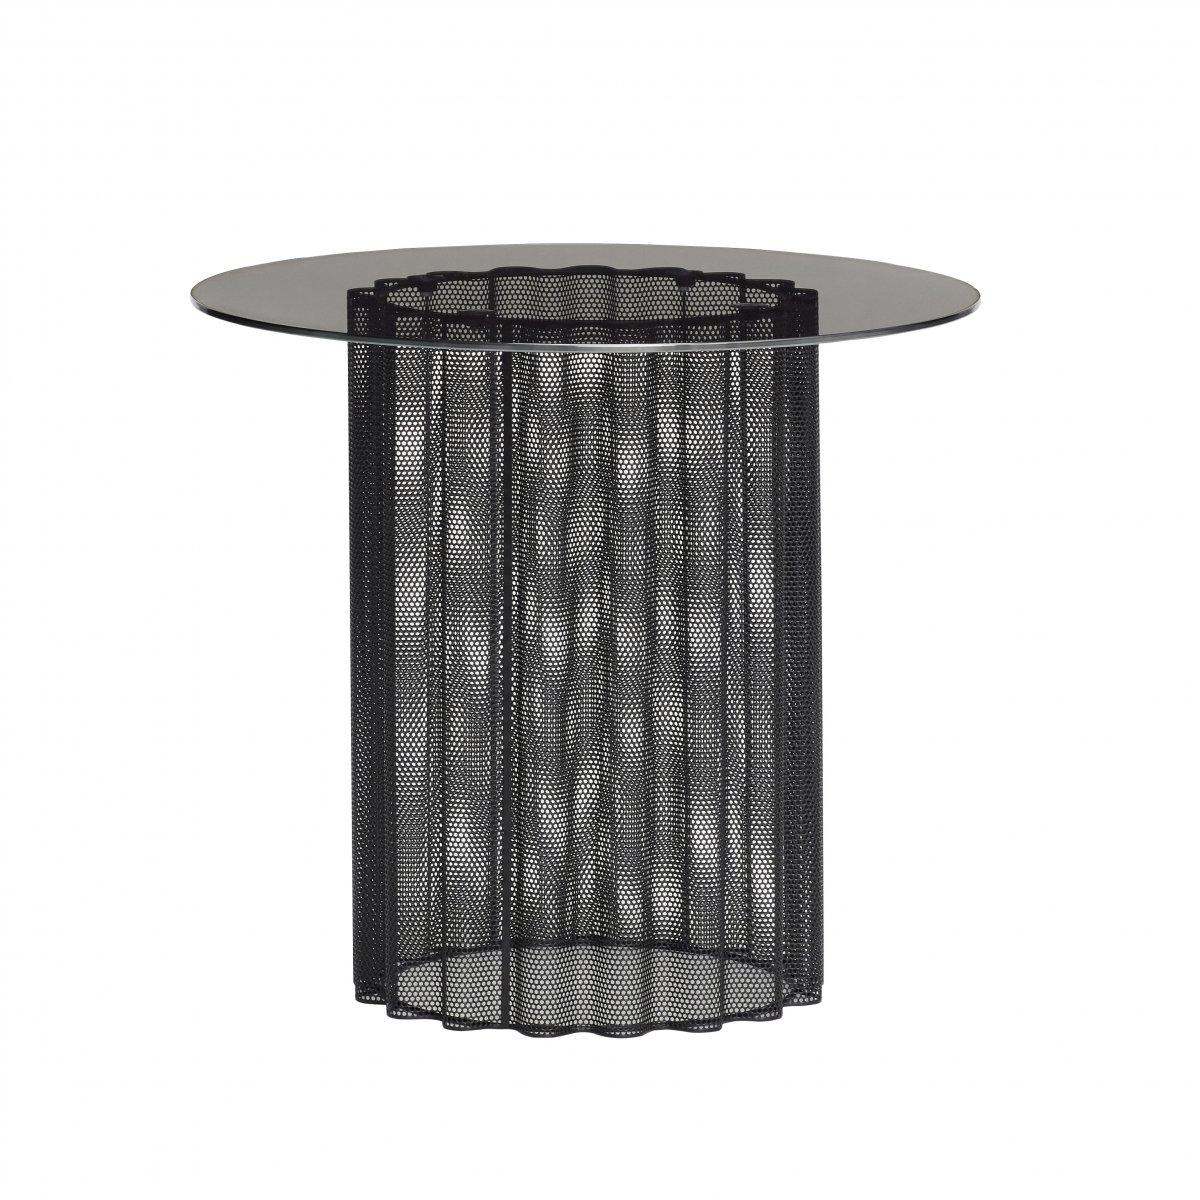 Table basse métal ajouré + plateau verre Dia 45cm 170€ chez Inspiration Design à Colmar